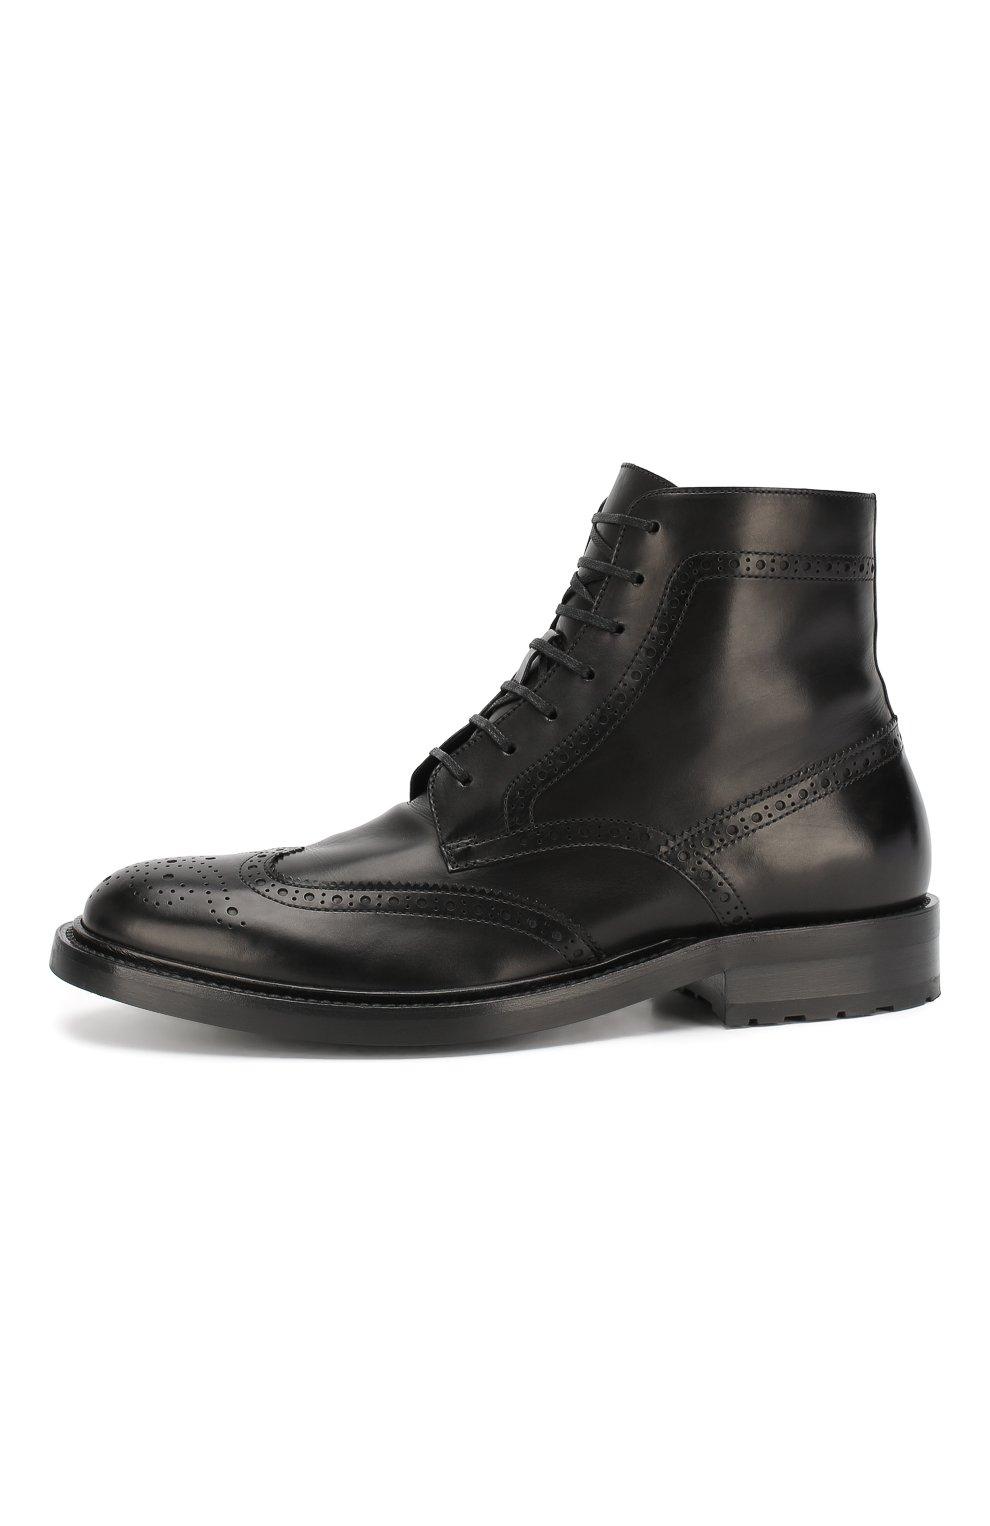 Мужские кожаные ботинки army SAINT LAURENT черного цвета, арт. 587462/1G700 | Фото 3